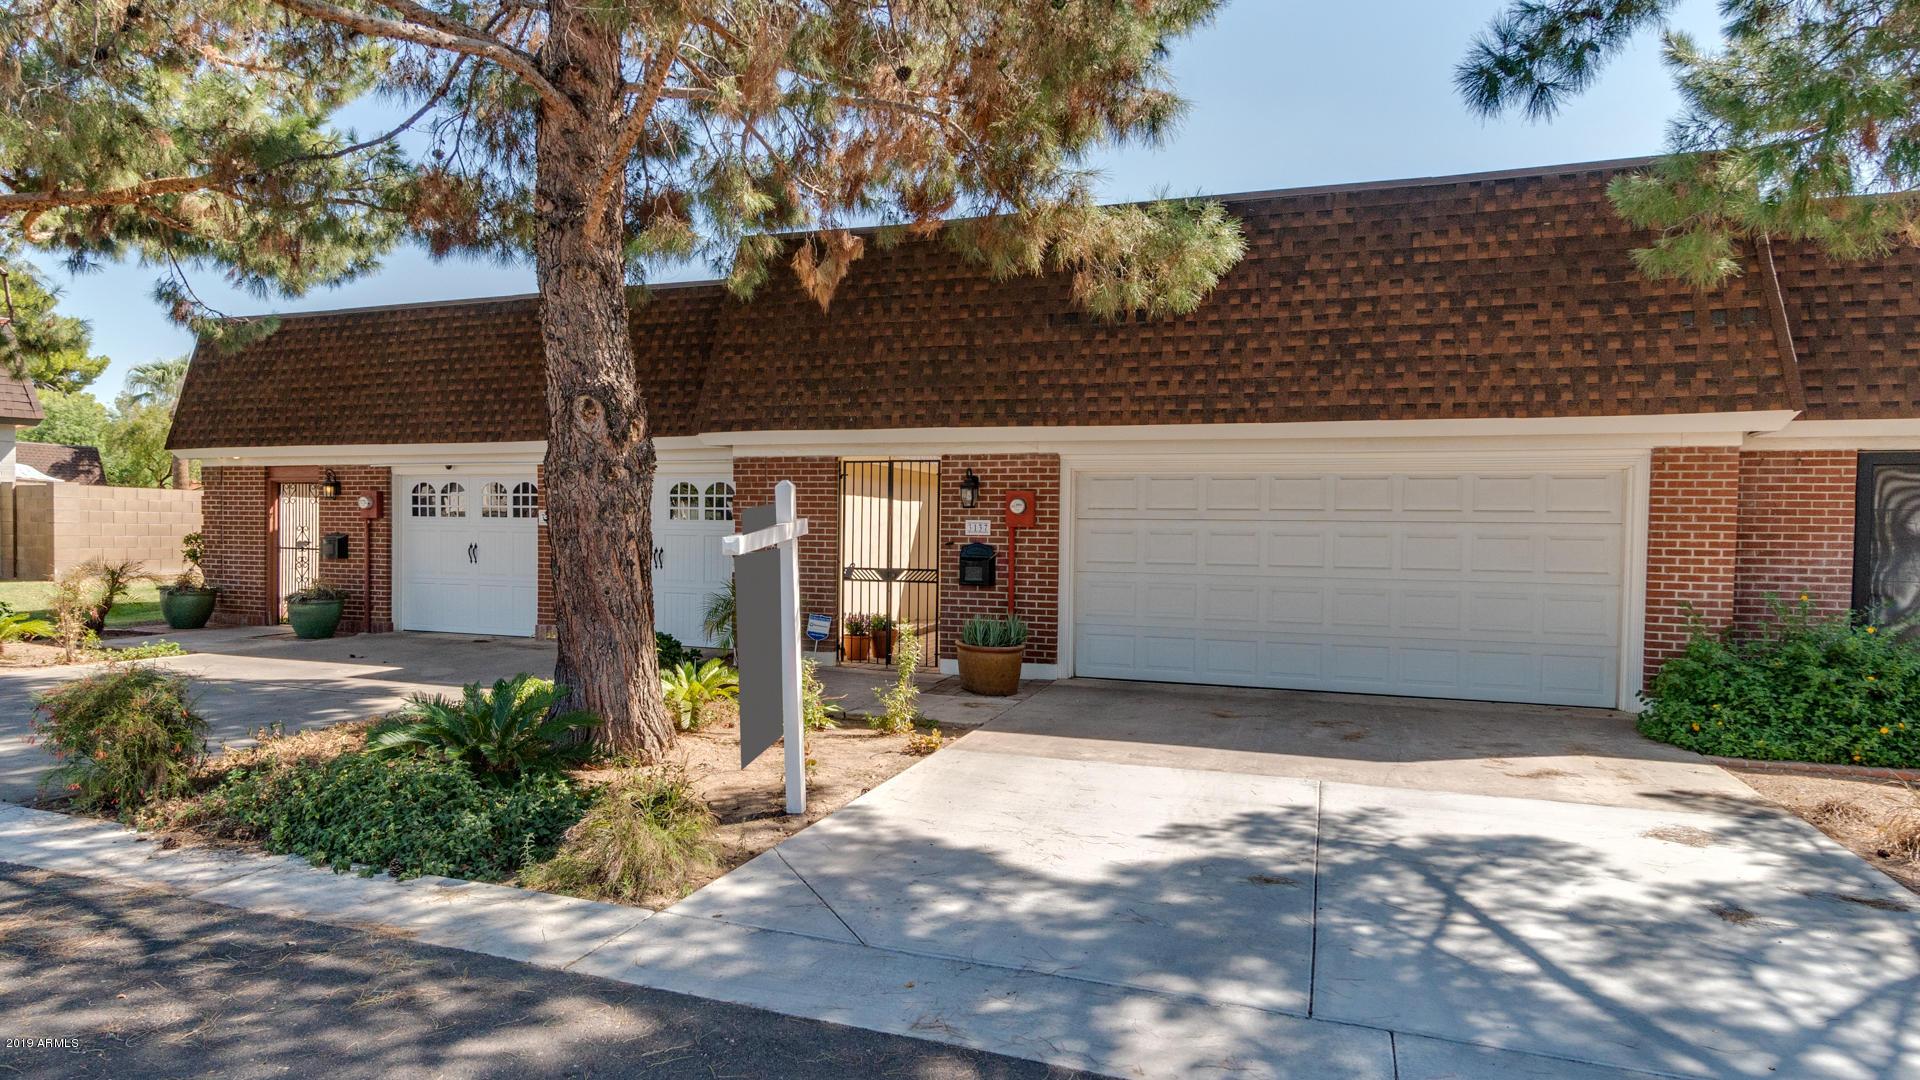 Photo of 3137 E HAZELWOOD Street, Phoenix, AZ 85016